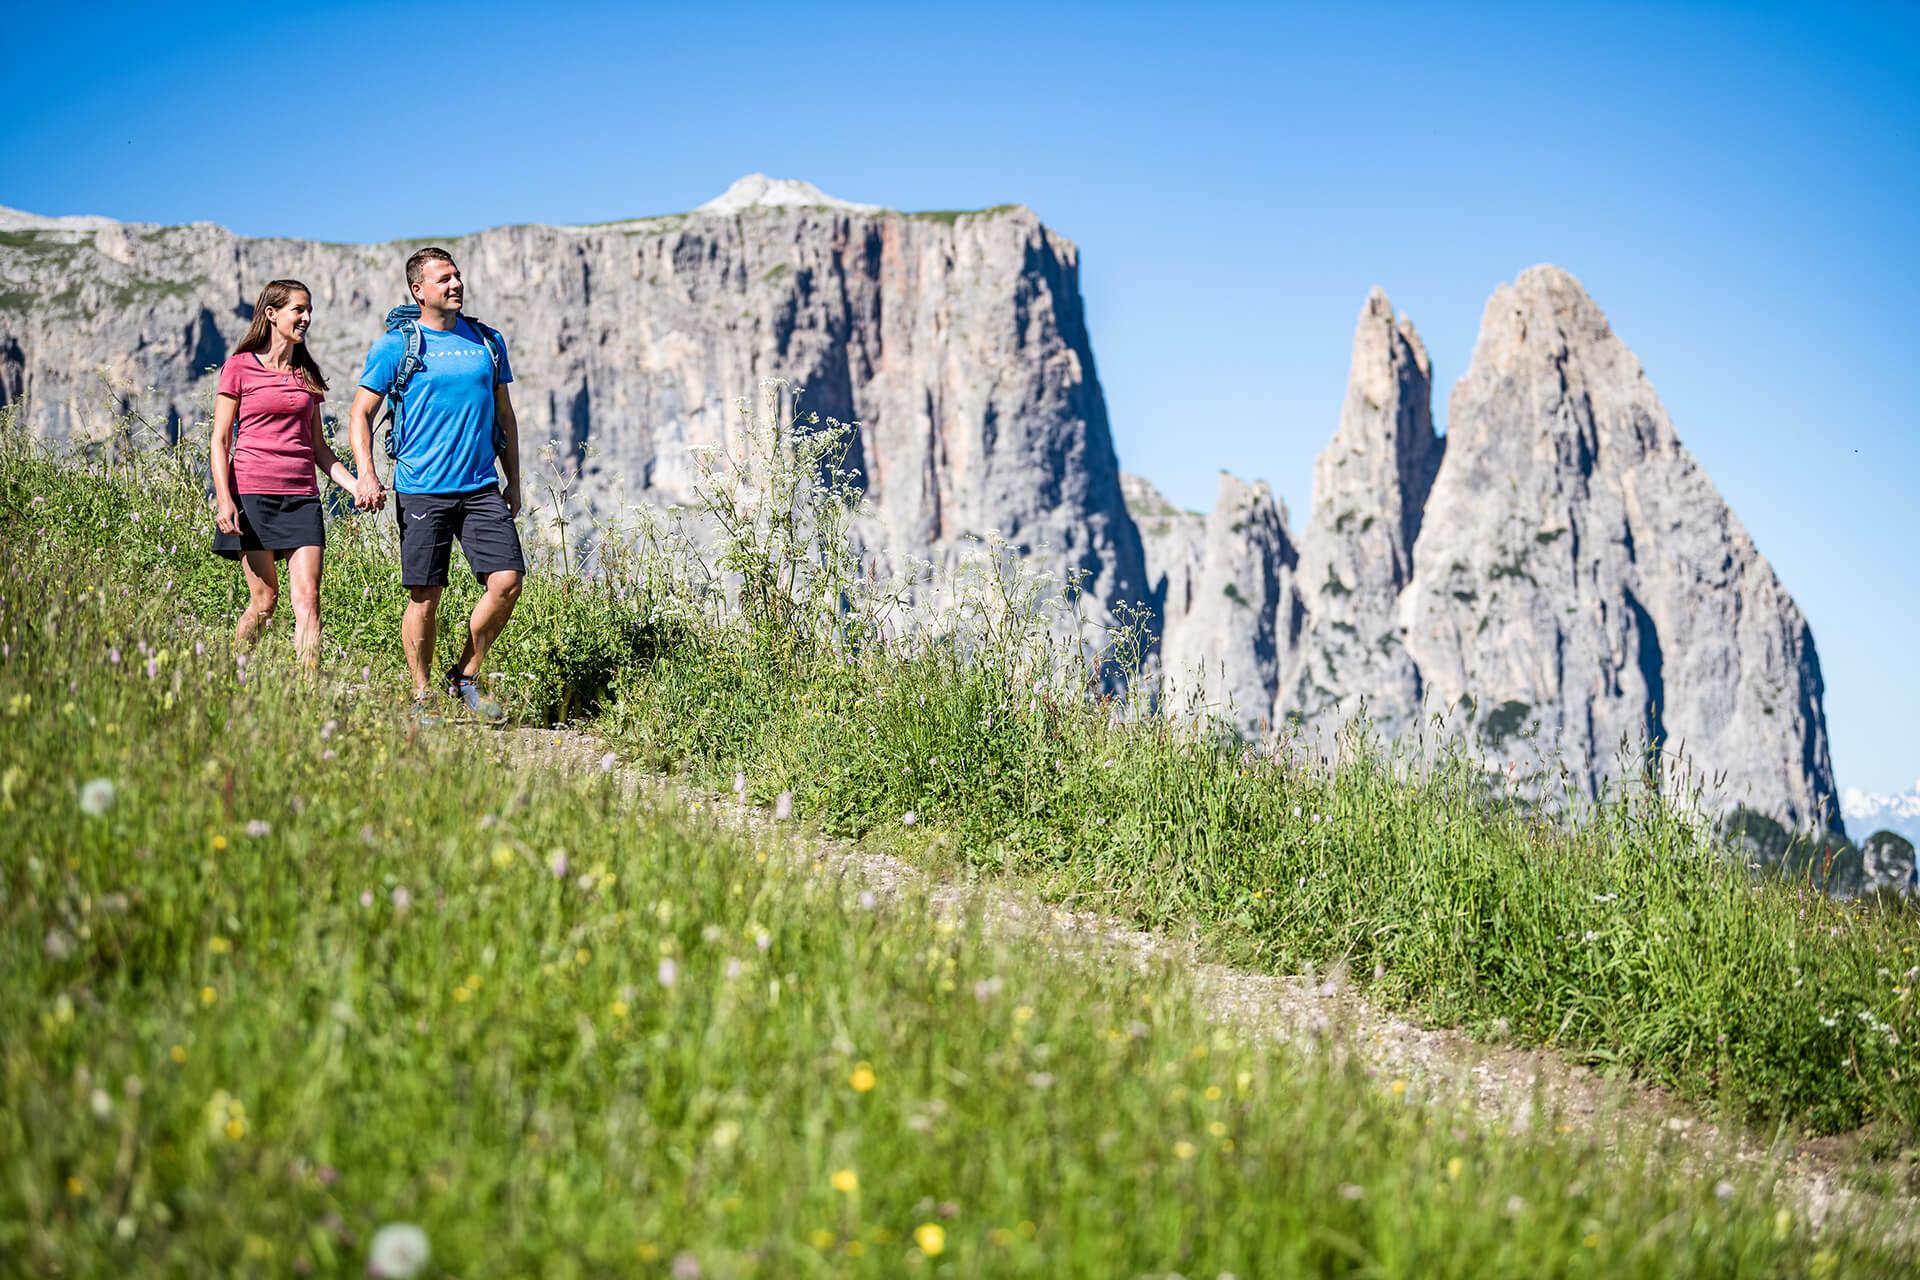 Wandern in einzigartiger Landschaft © Seiser Alm Marketing Werner Dejori